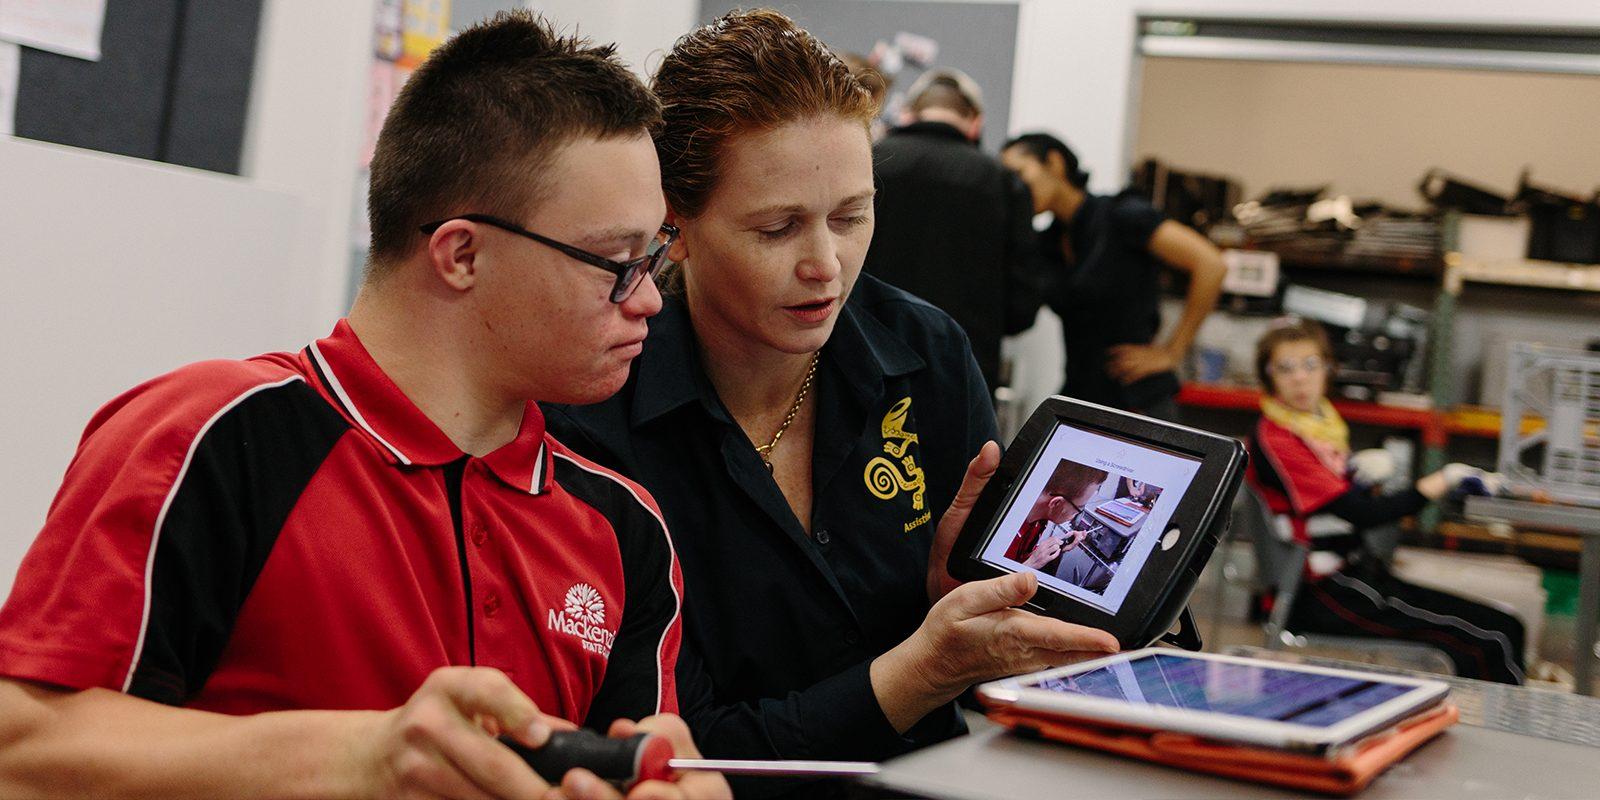 Lerares toont iPad aan leerling